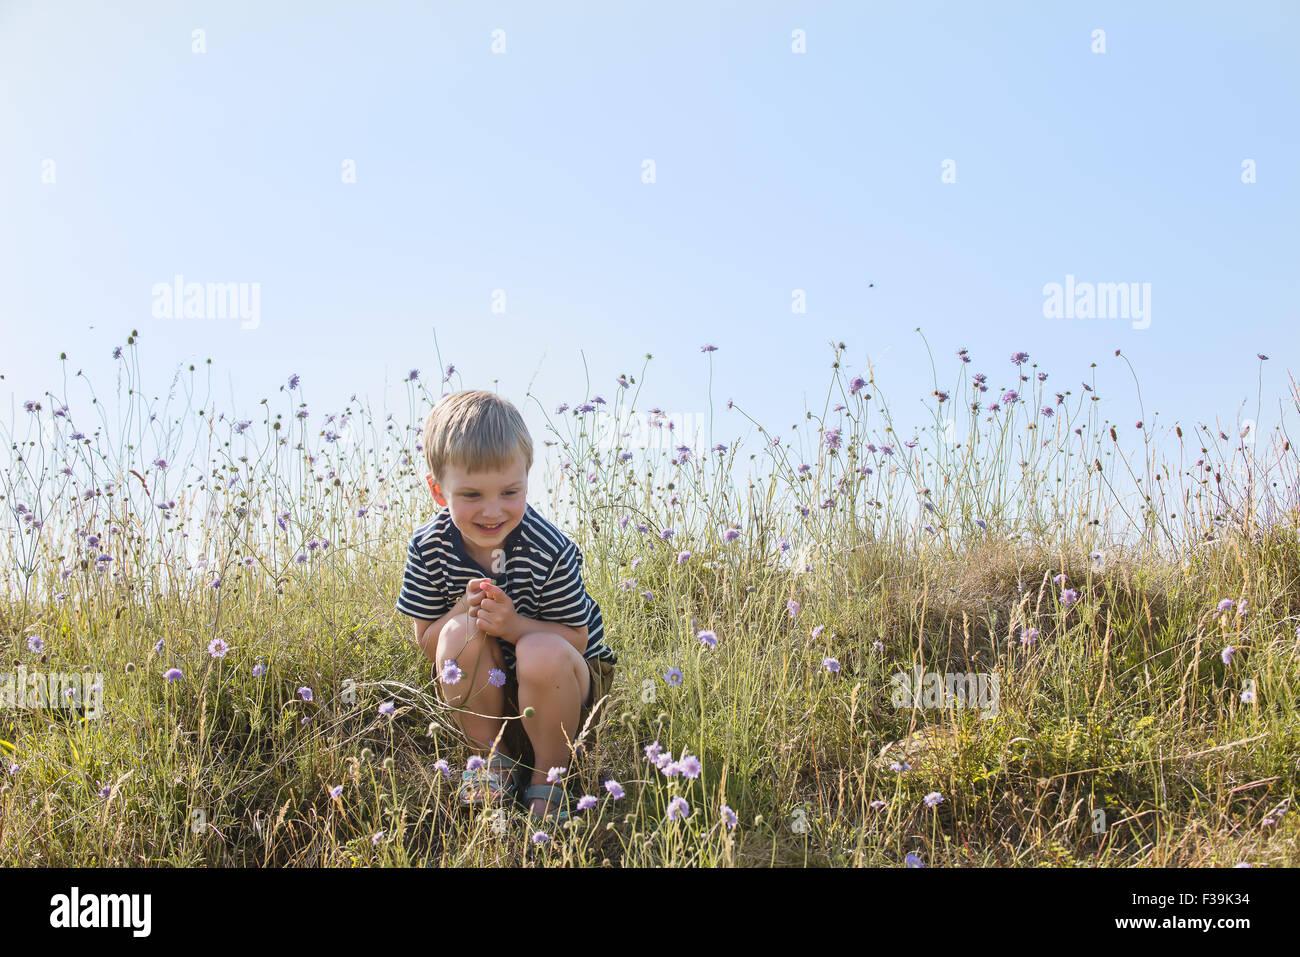 Garçon assis dans un champ vert, smiling Photo Stock